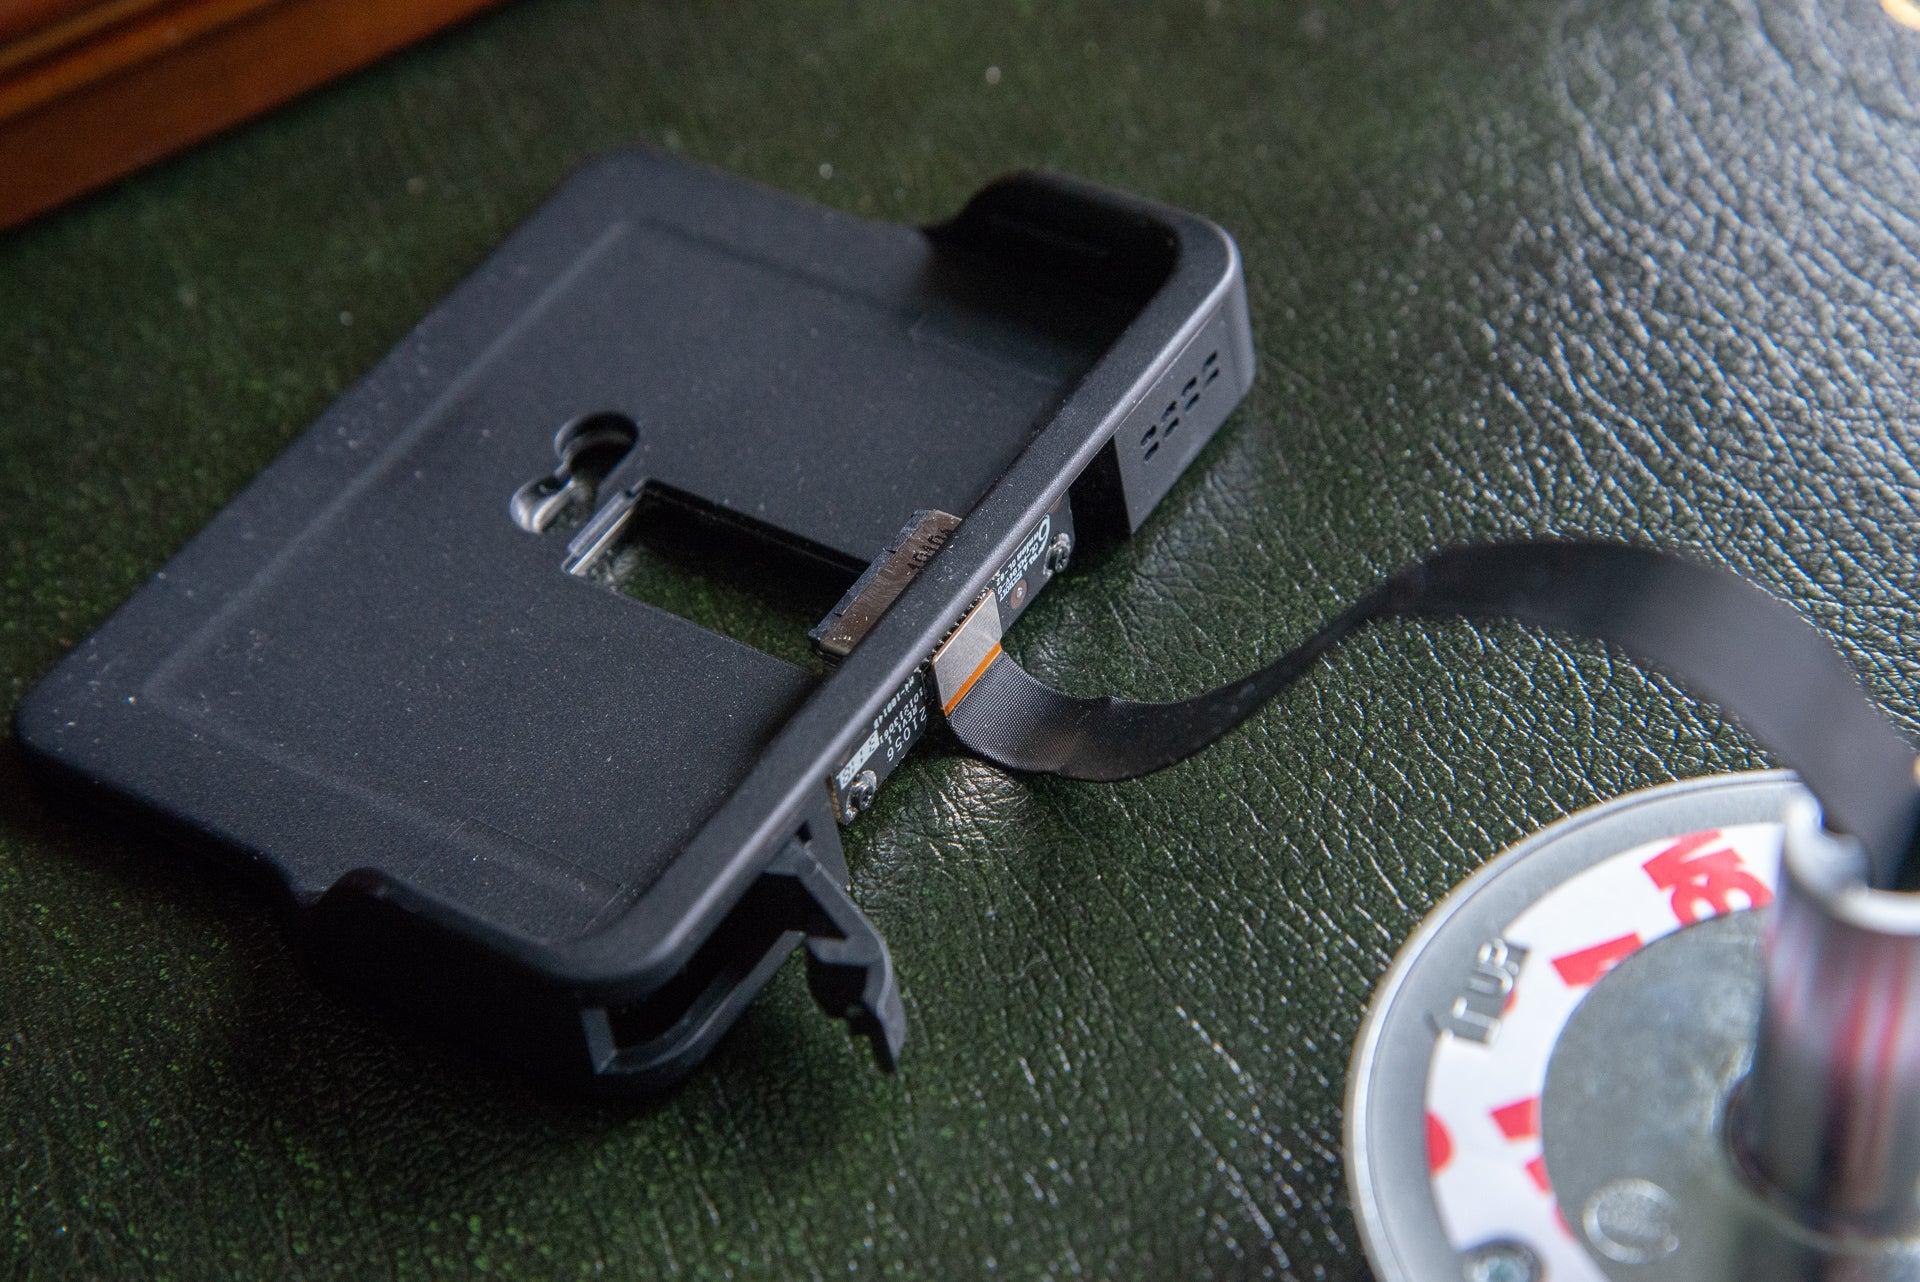 EZViz DP 1 cradle and cable